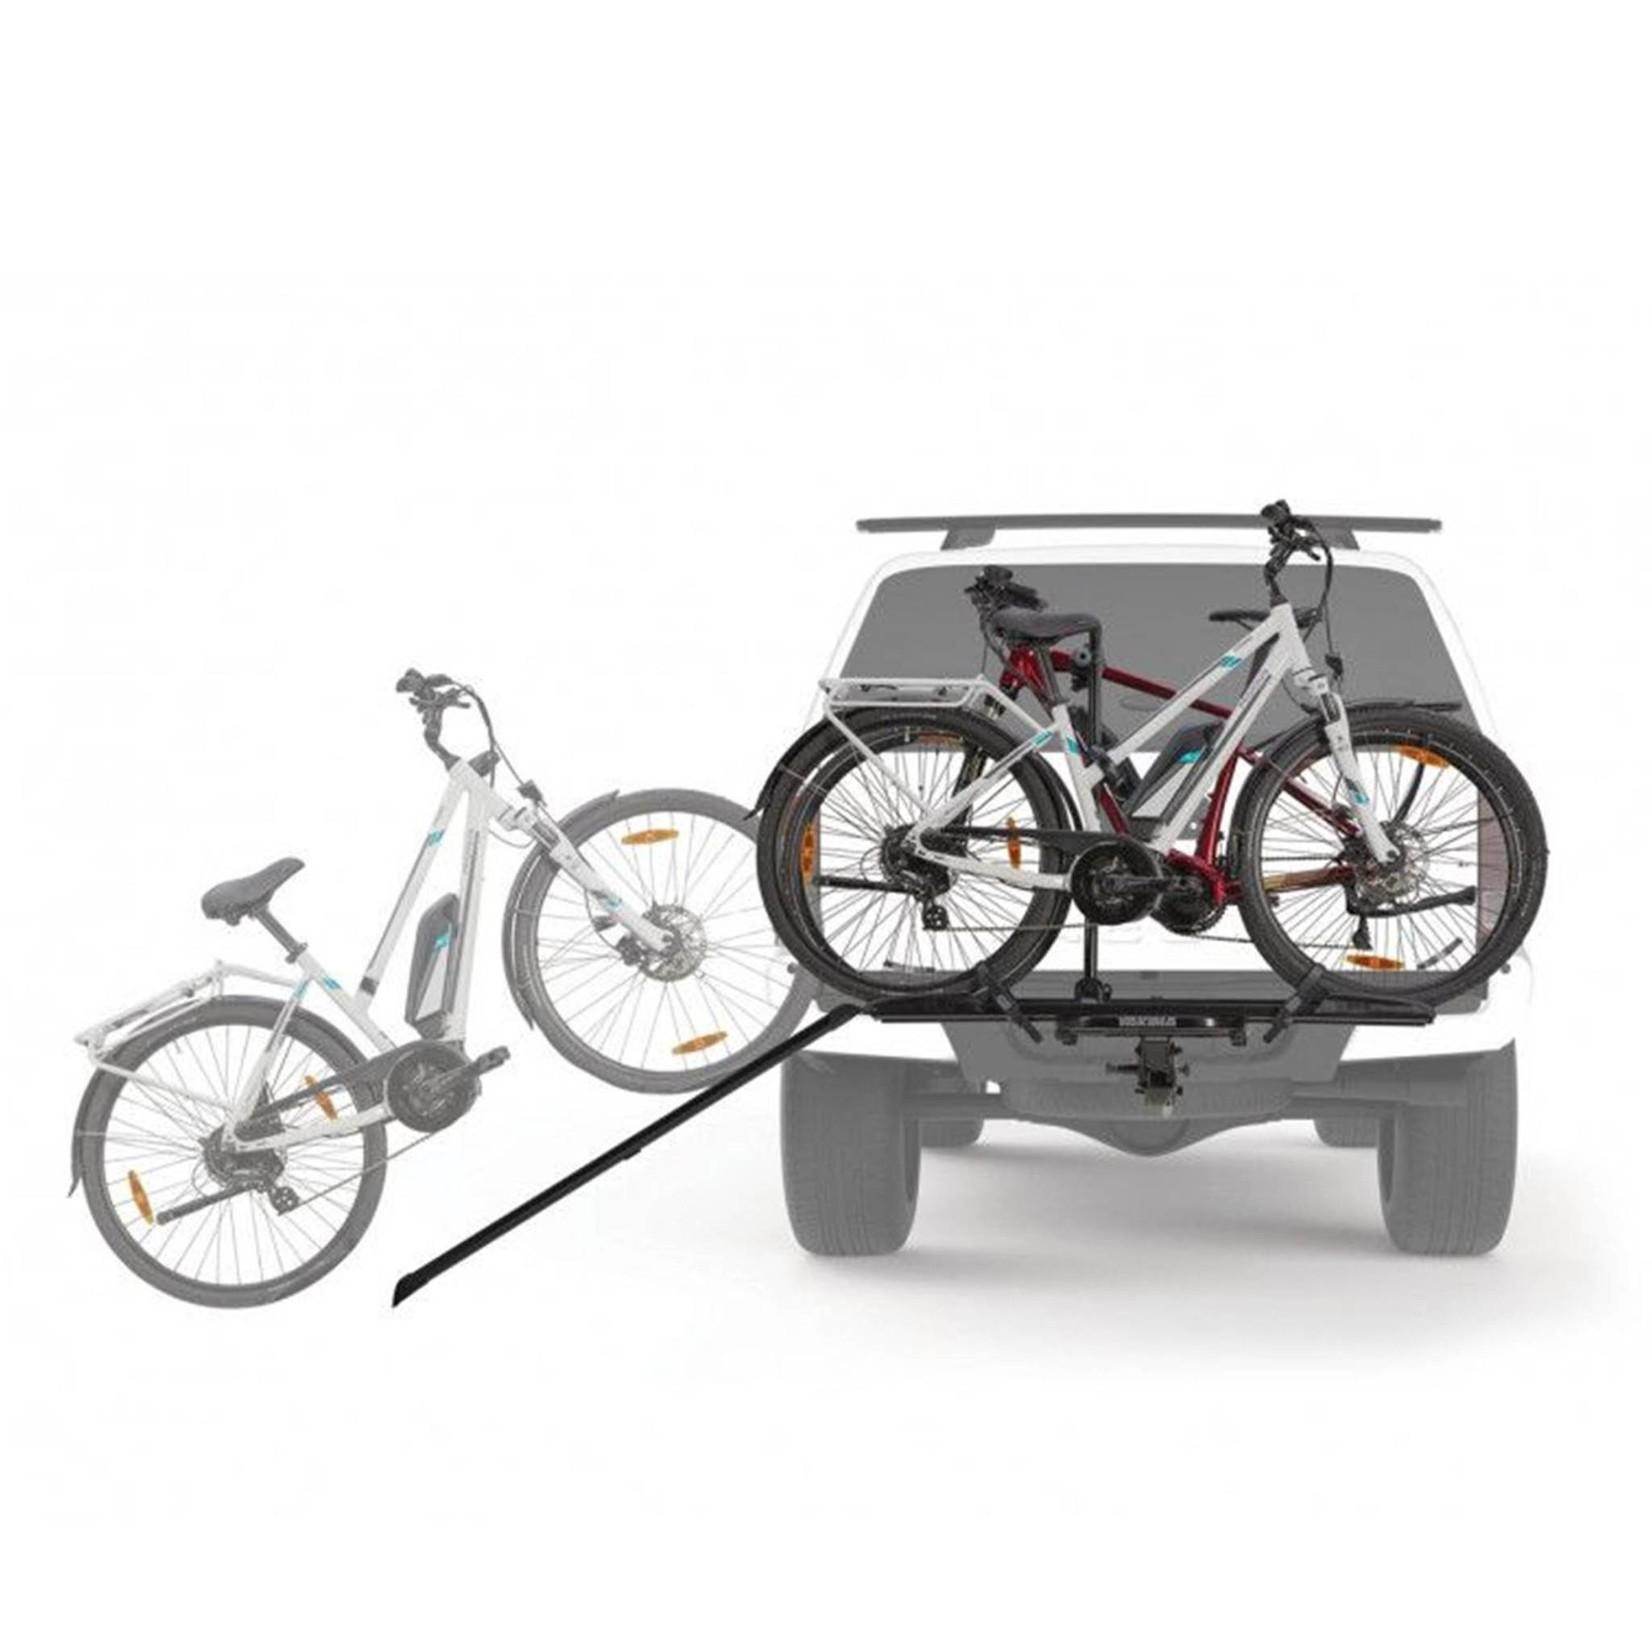 Yakima OnRamp 2 Bike Rack